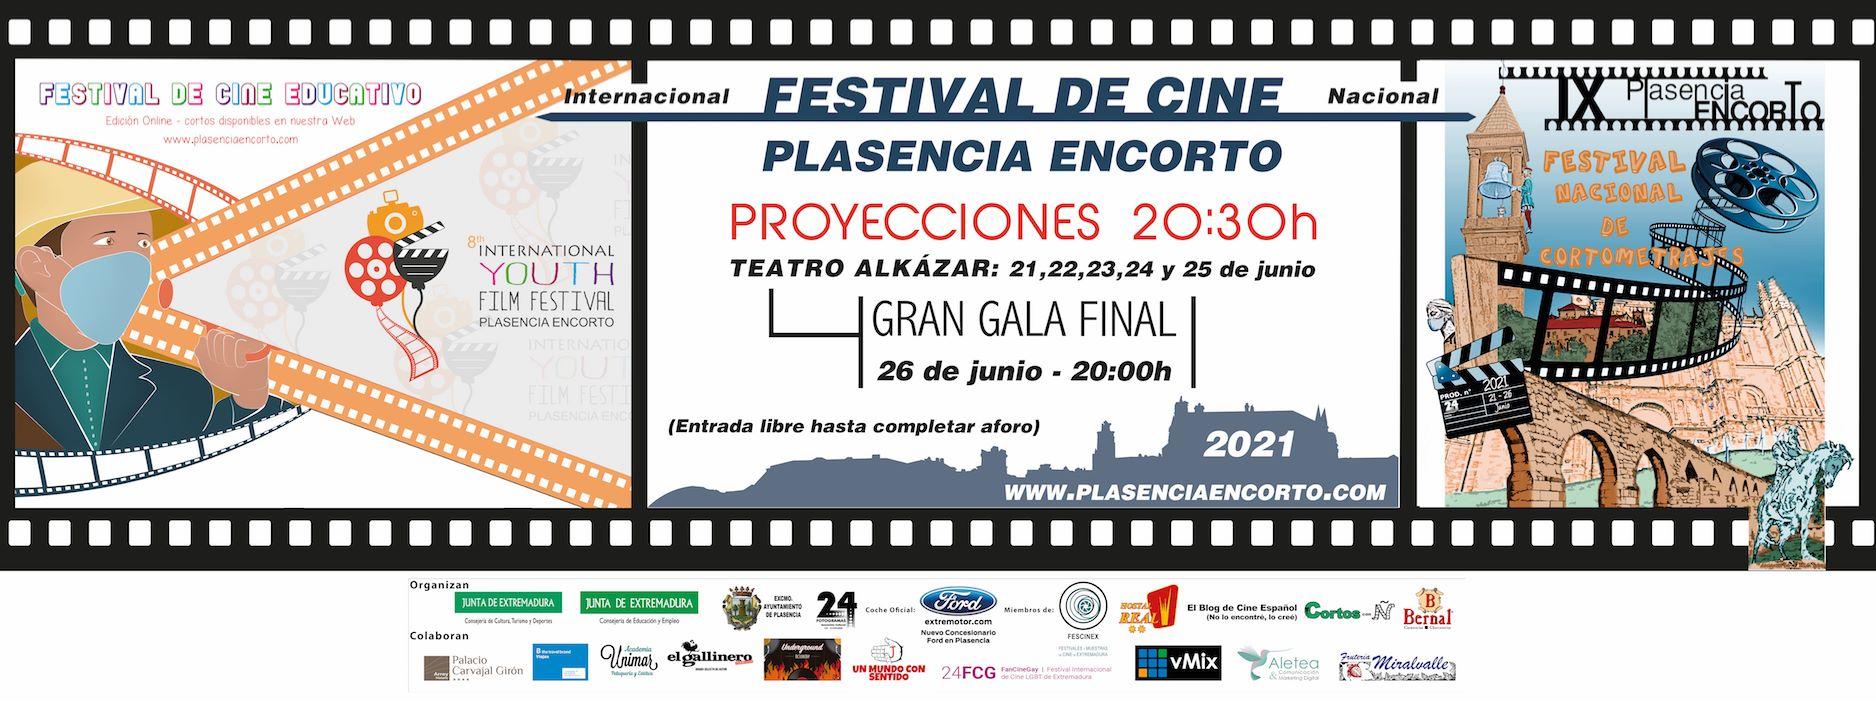 Festival Nacional de Cortometrajes Plasencia Encorto